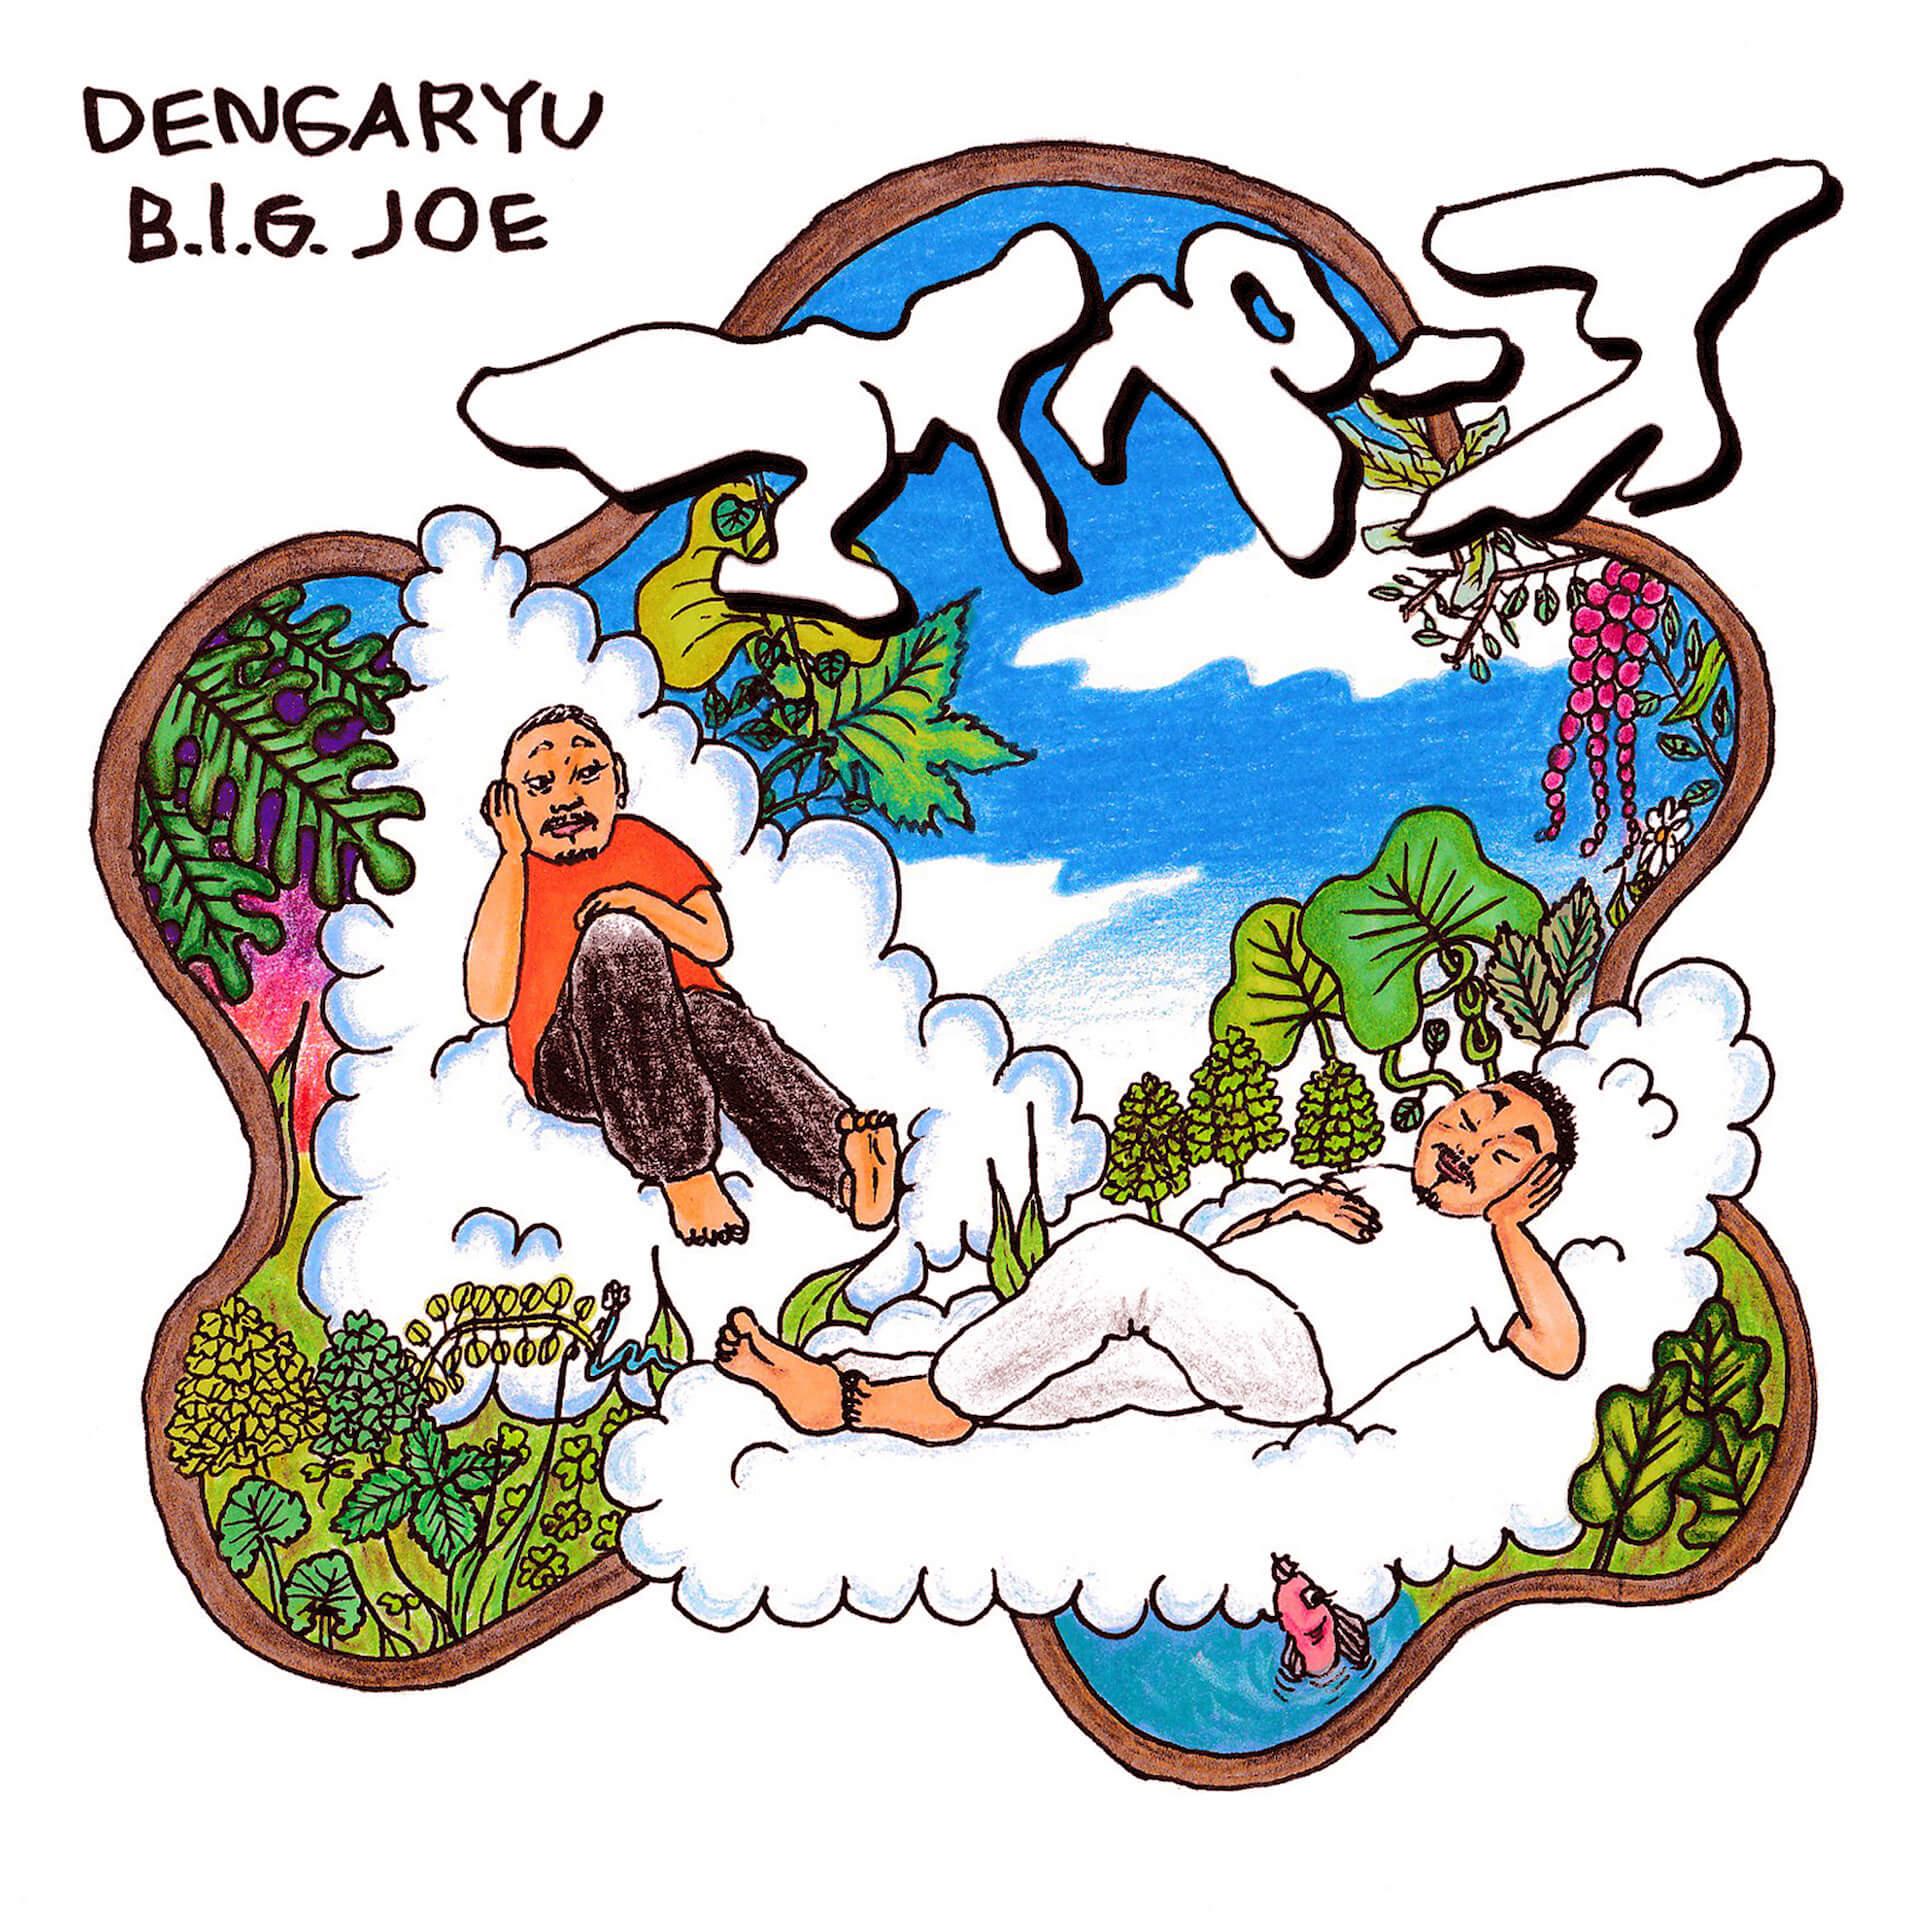 """ライブツアーを開催する田我流&B.I.G.JOEによる新曲""""マイペース""""がリリース決定!ビートはDJ SCRATCH NICE music201001_dengaryu_bigjoe_1"""